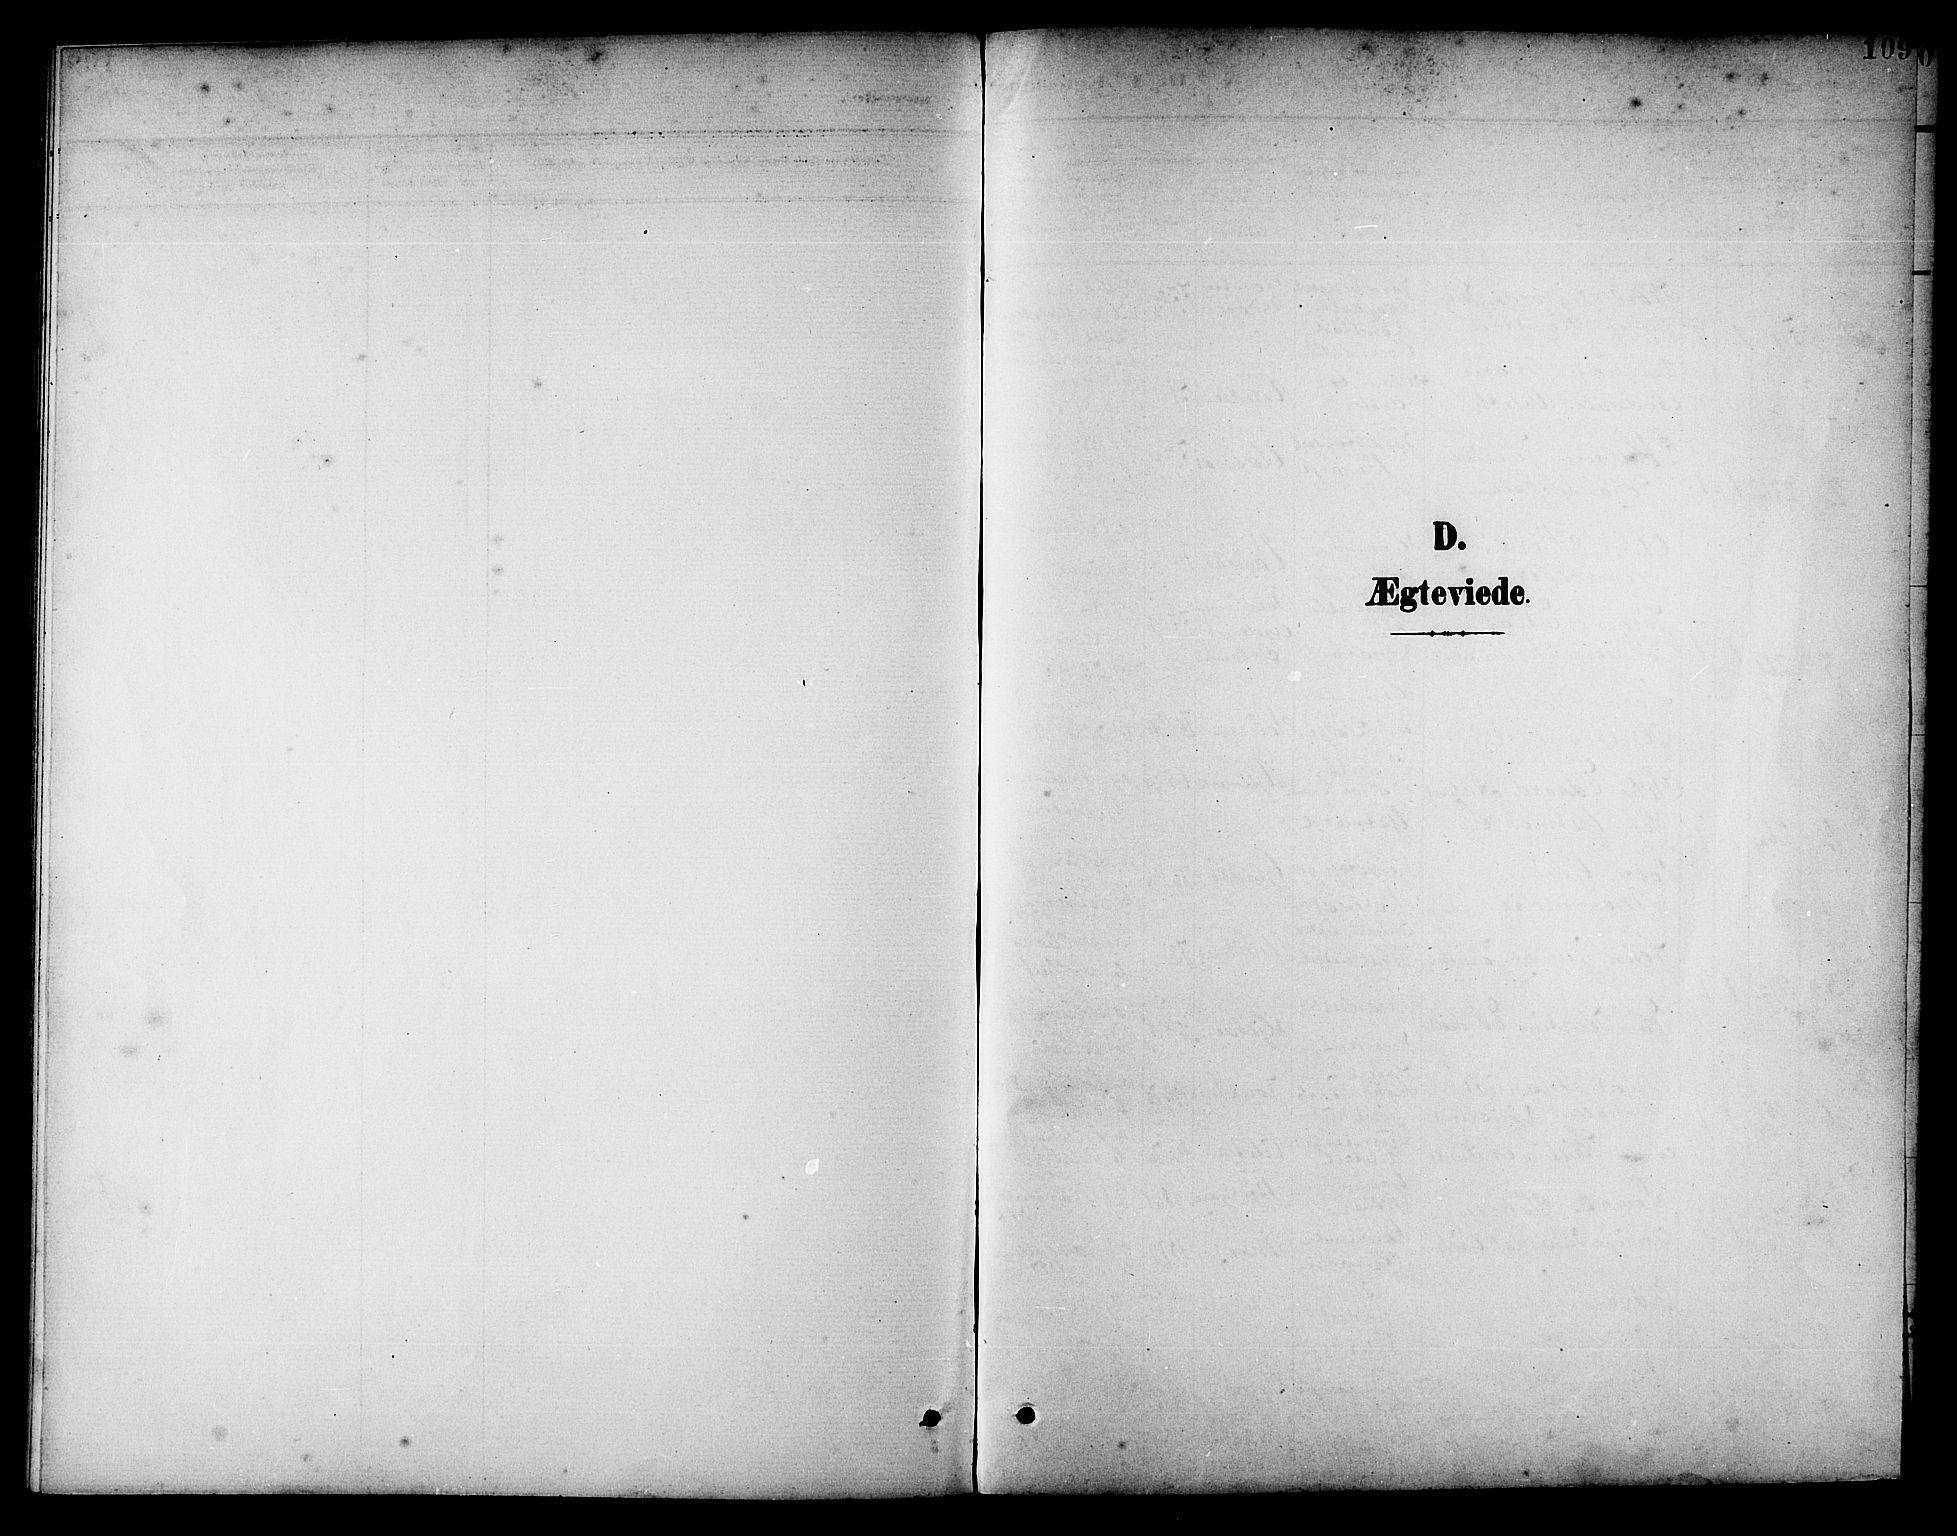 SAT, Ministerialprotokoller, klokkerbøker og fødselsregistre - Nord-Trøndelag, 741/L0401: Klokkerbok nr. 741C02, 1899-1911, s. 109